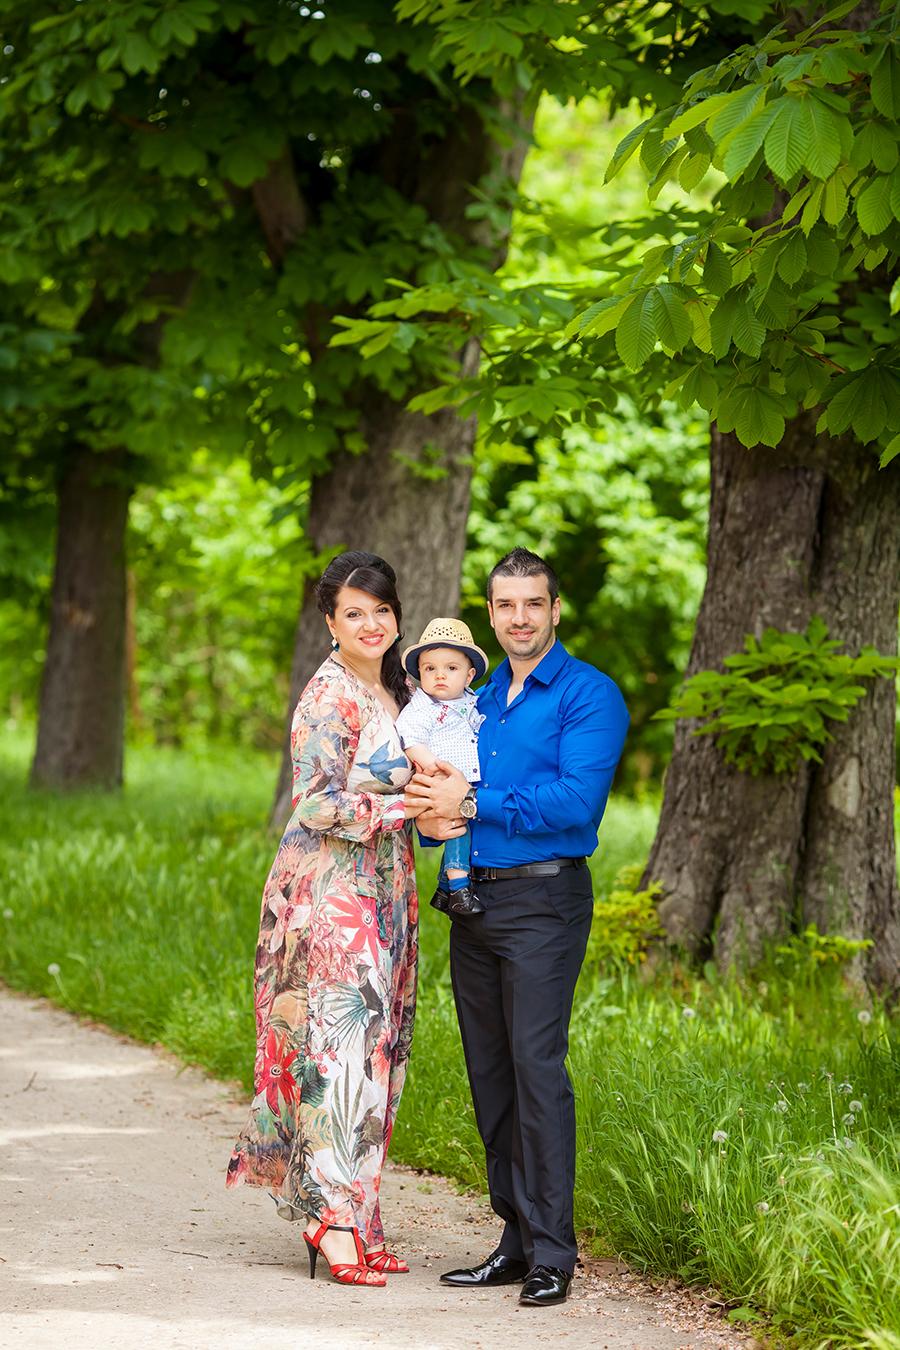 Кръщене на Симеон при фотограф Олга Ташева. Фото студио Варна. Детска, бебешка и семейна фотография. Фотограф Кръщене Варна - 878785764645